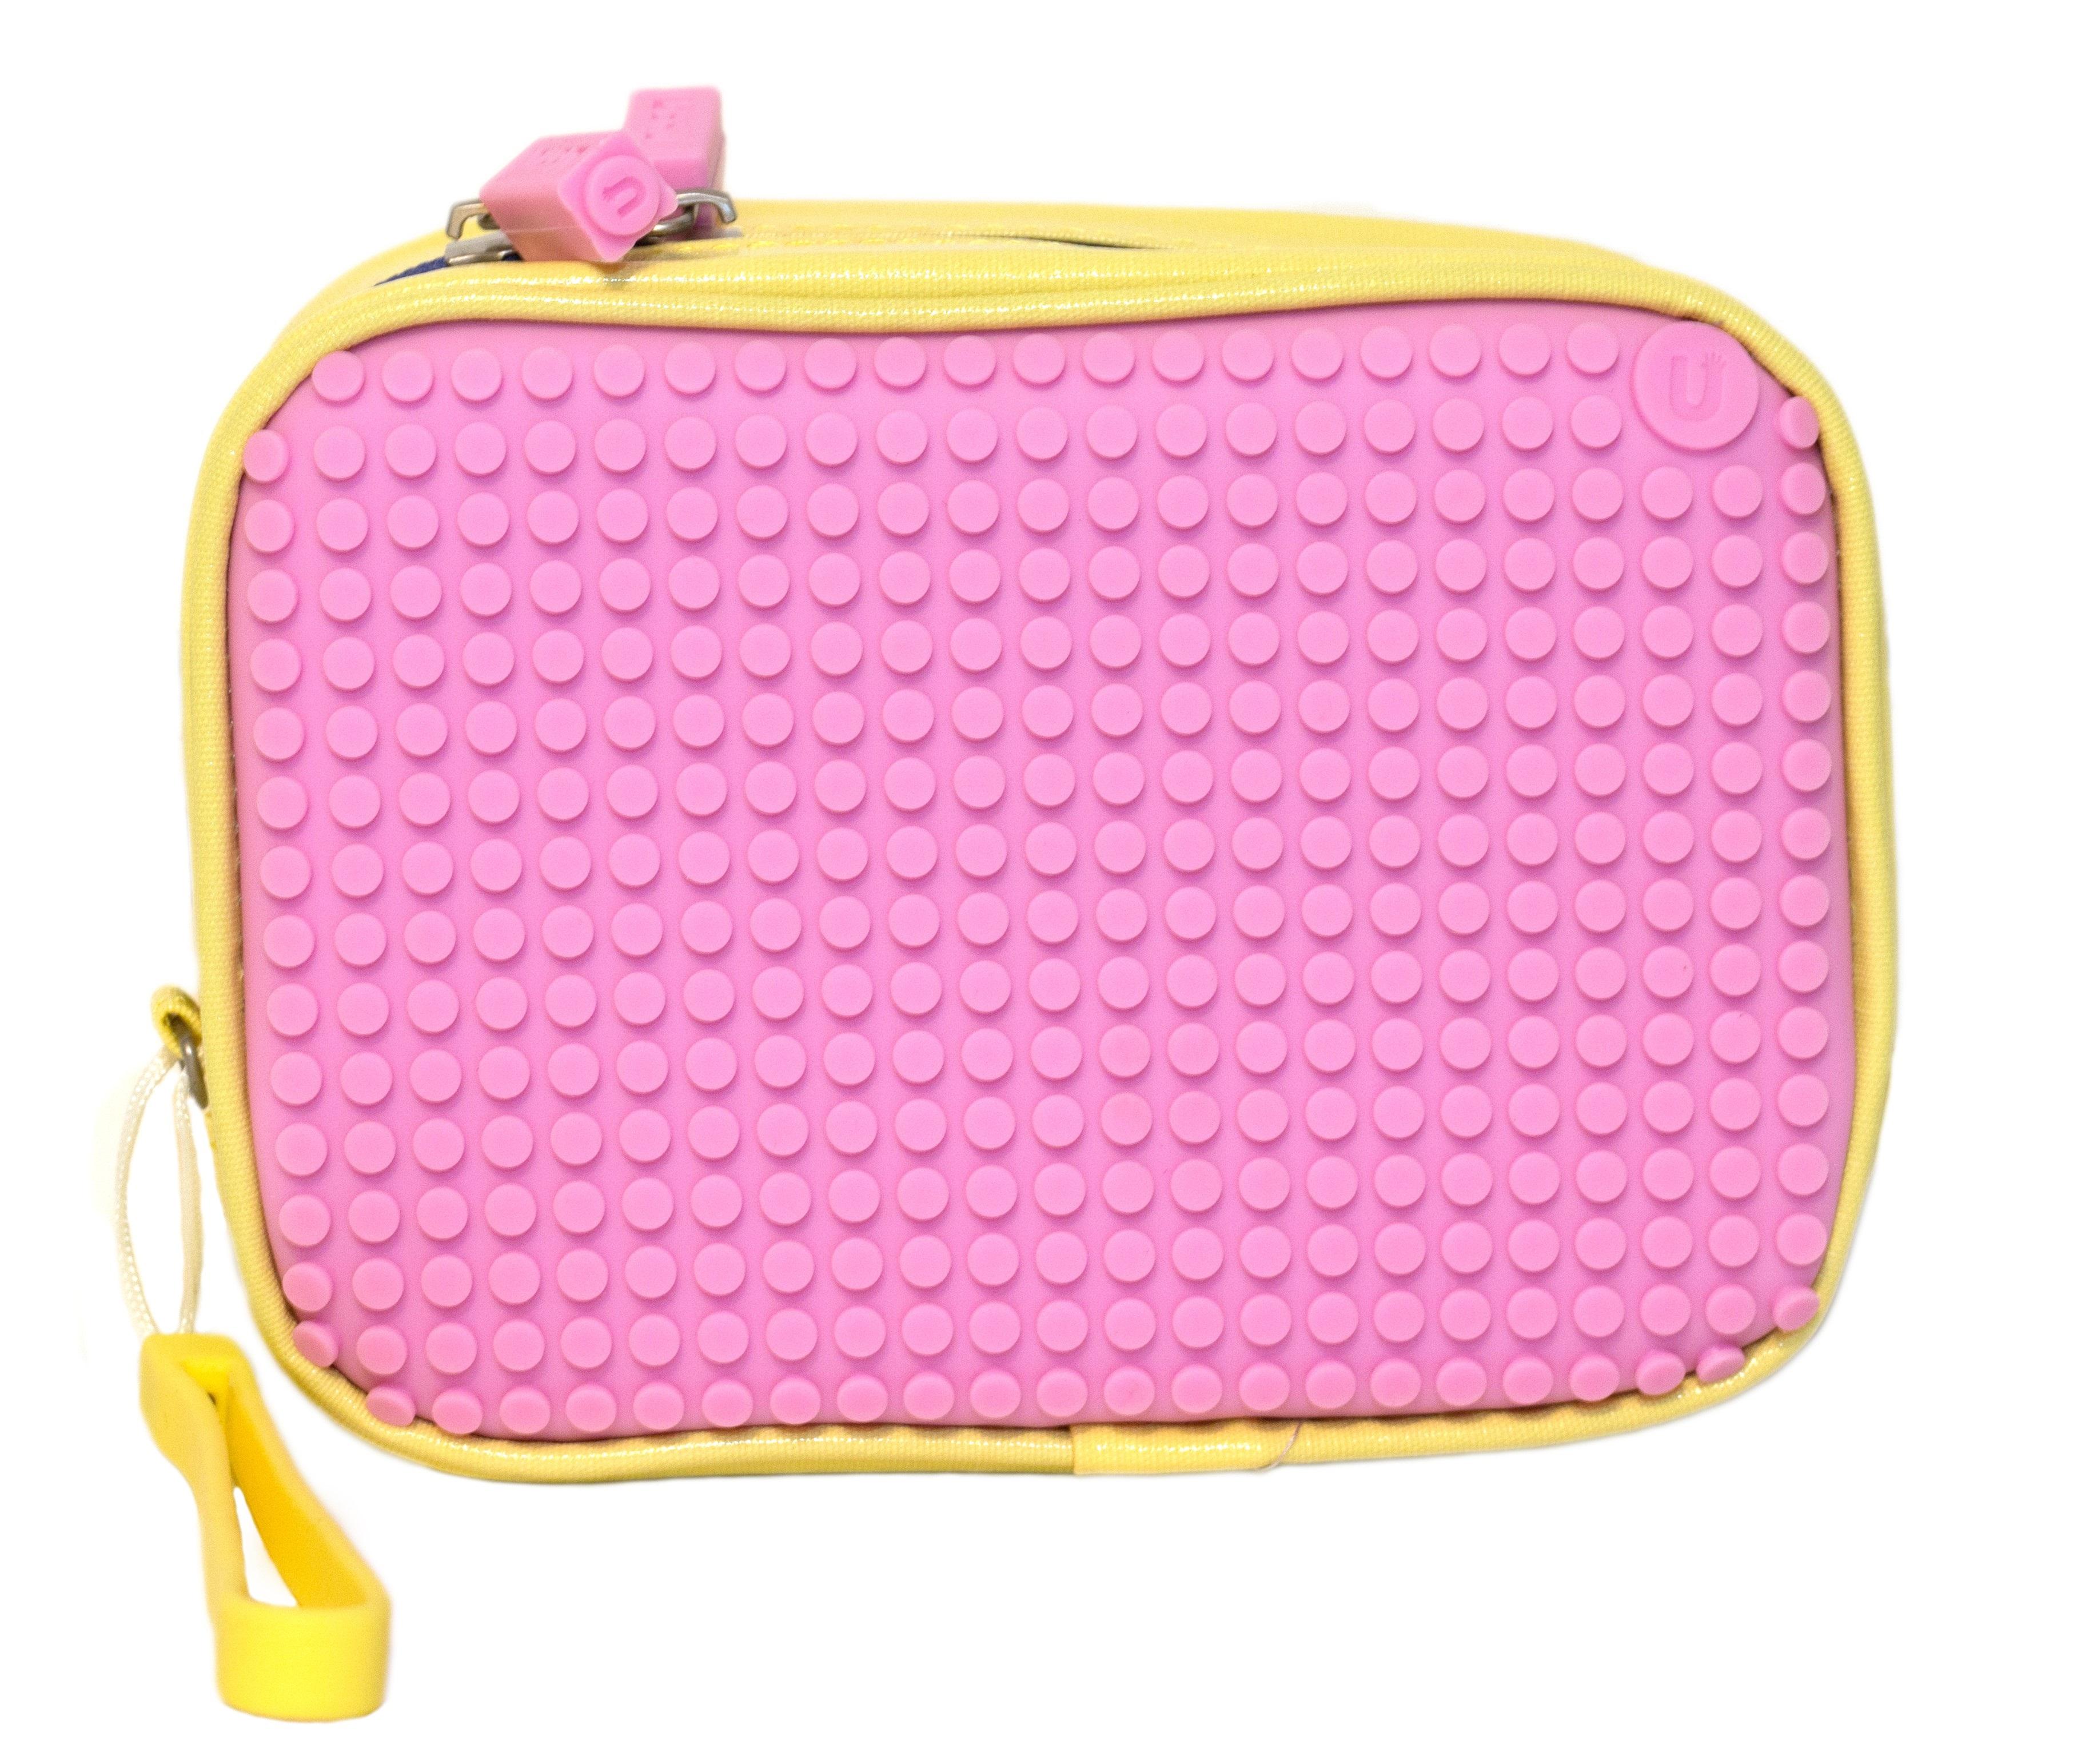 Клатч (Canvas Handbag) WY-B00 (желтый/розовый)